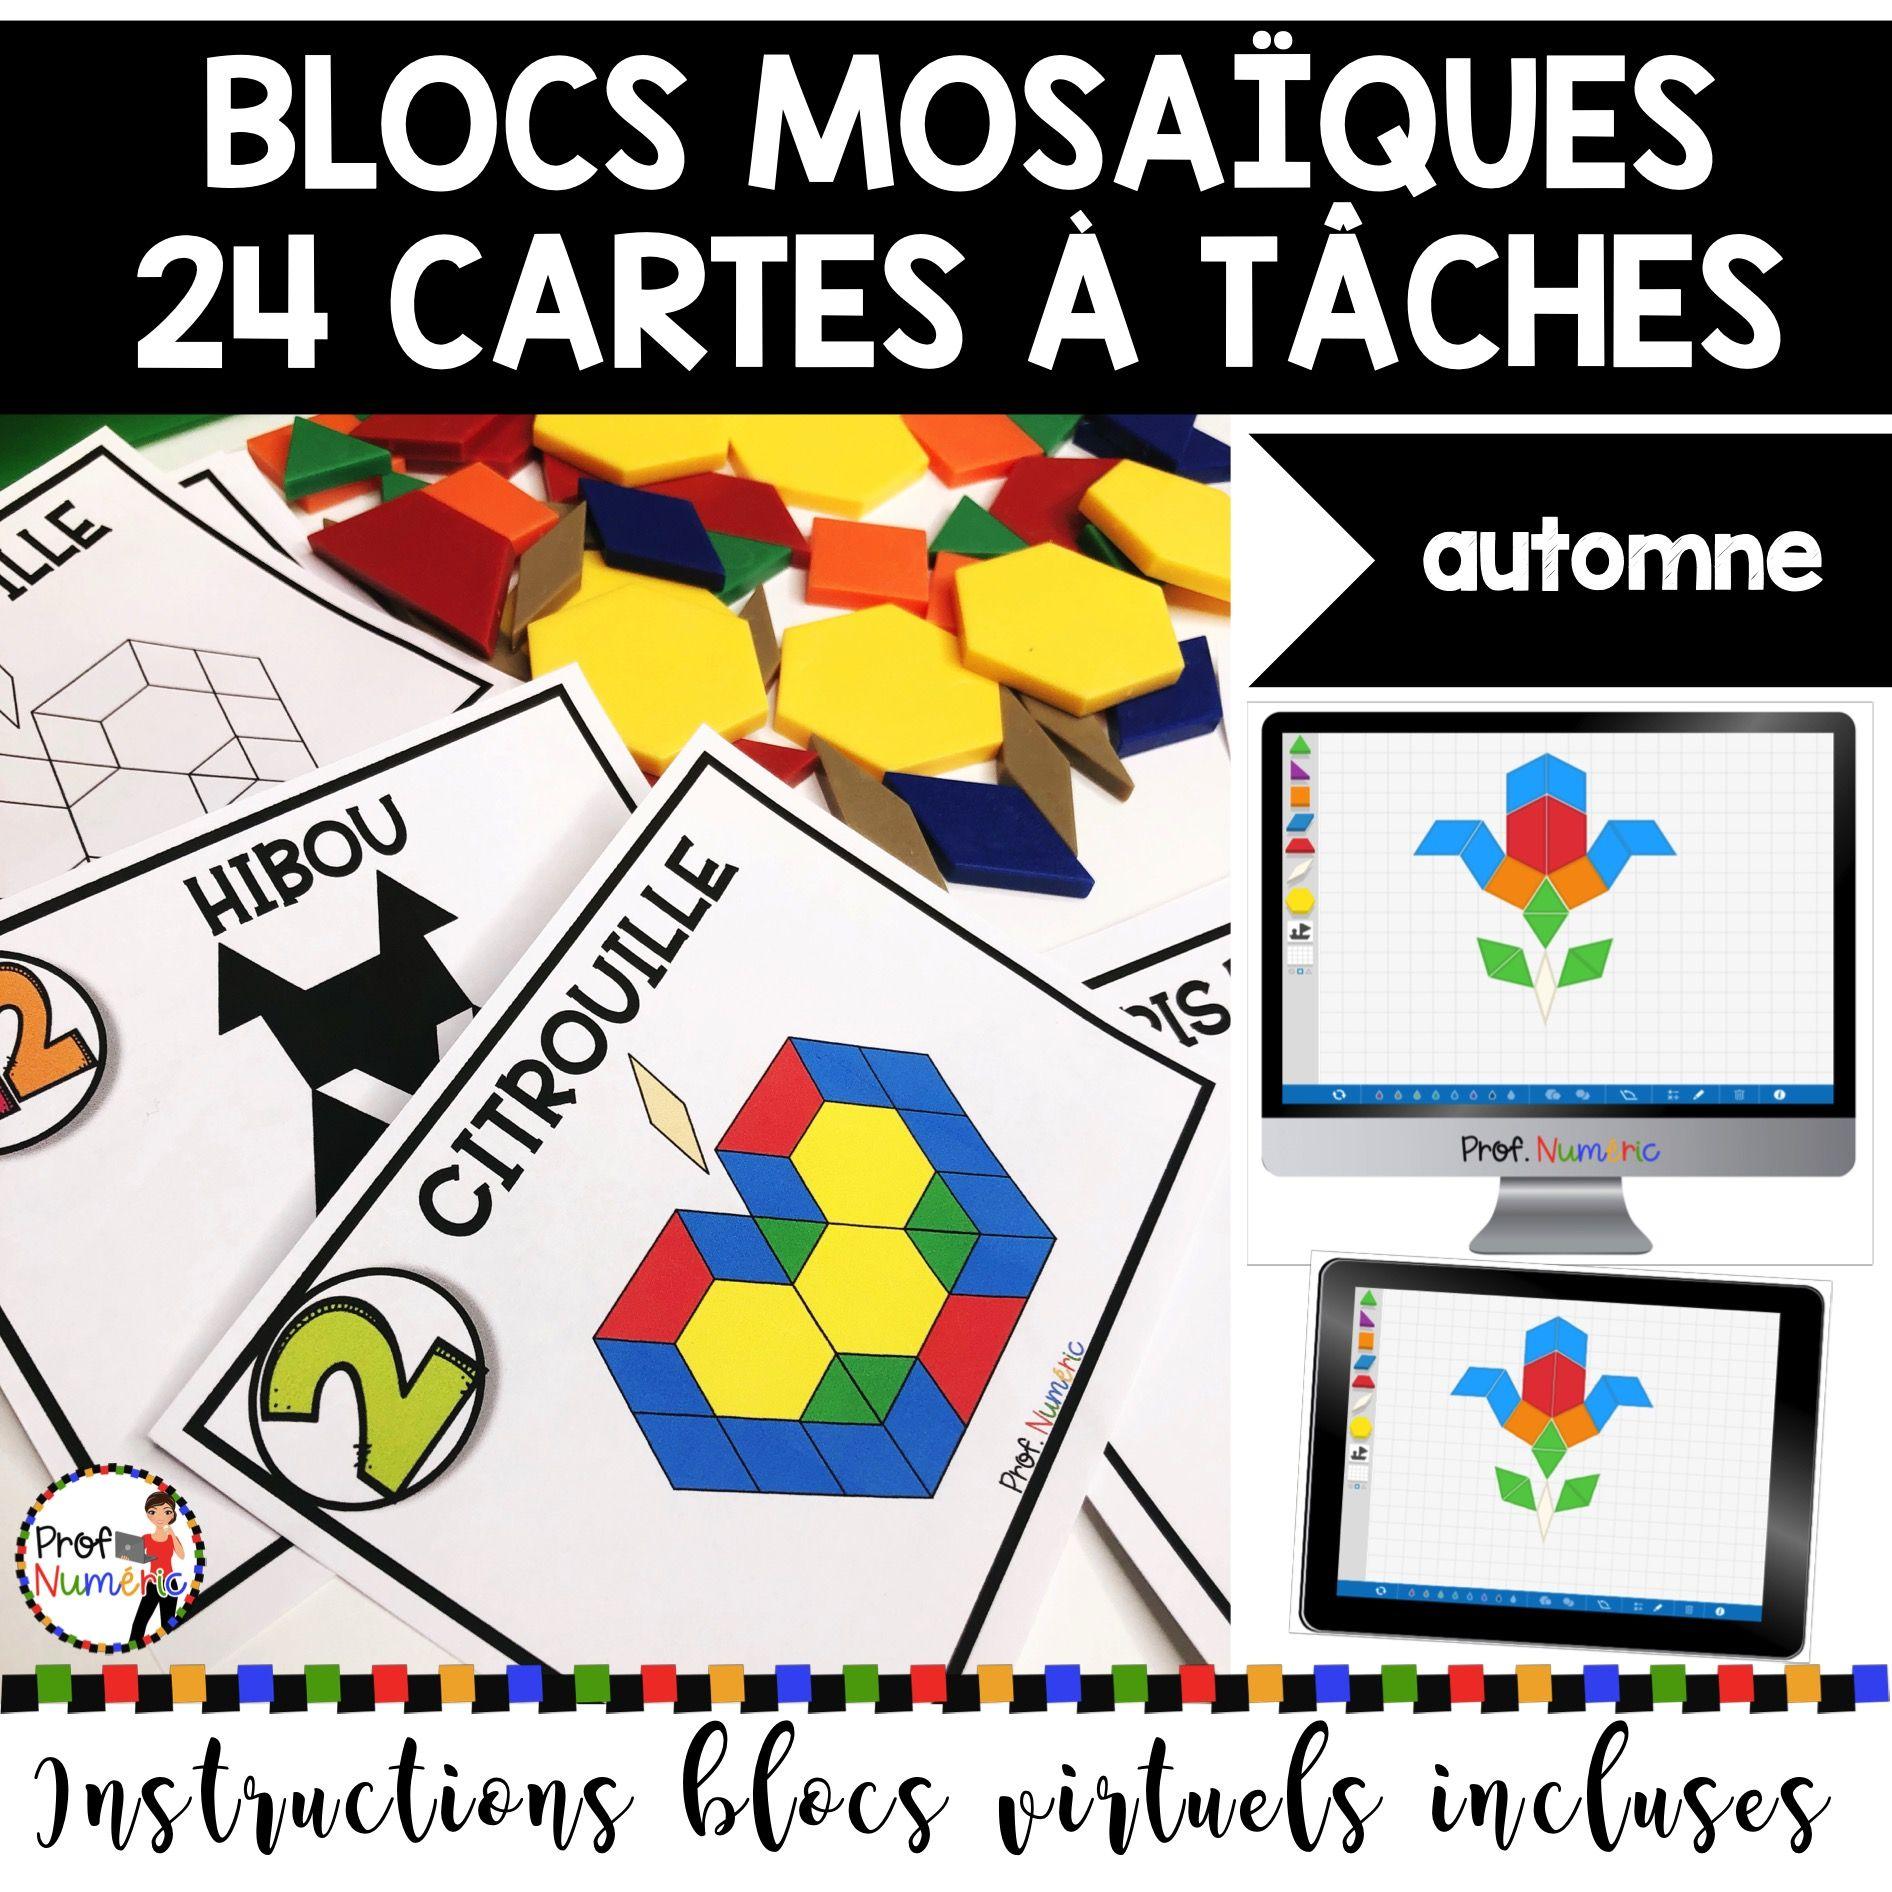 BLOCS MOSAÏQUES – 24 Cartes à Tâches (imprimer/virtuel) THÈME AUTOMNE